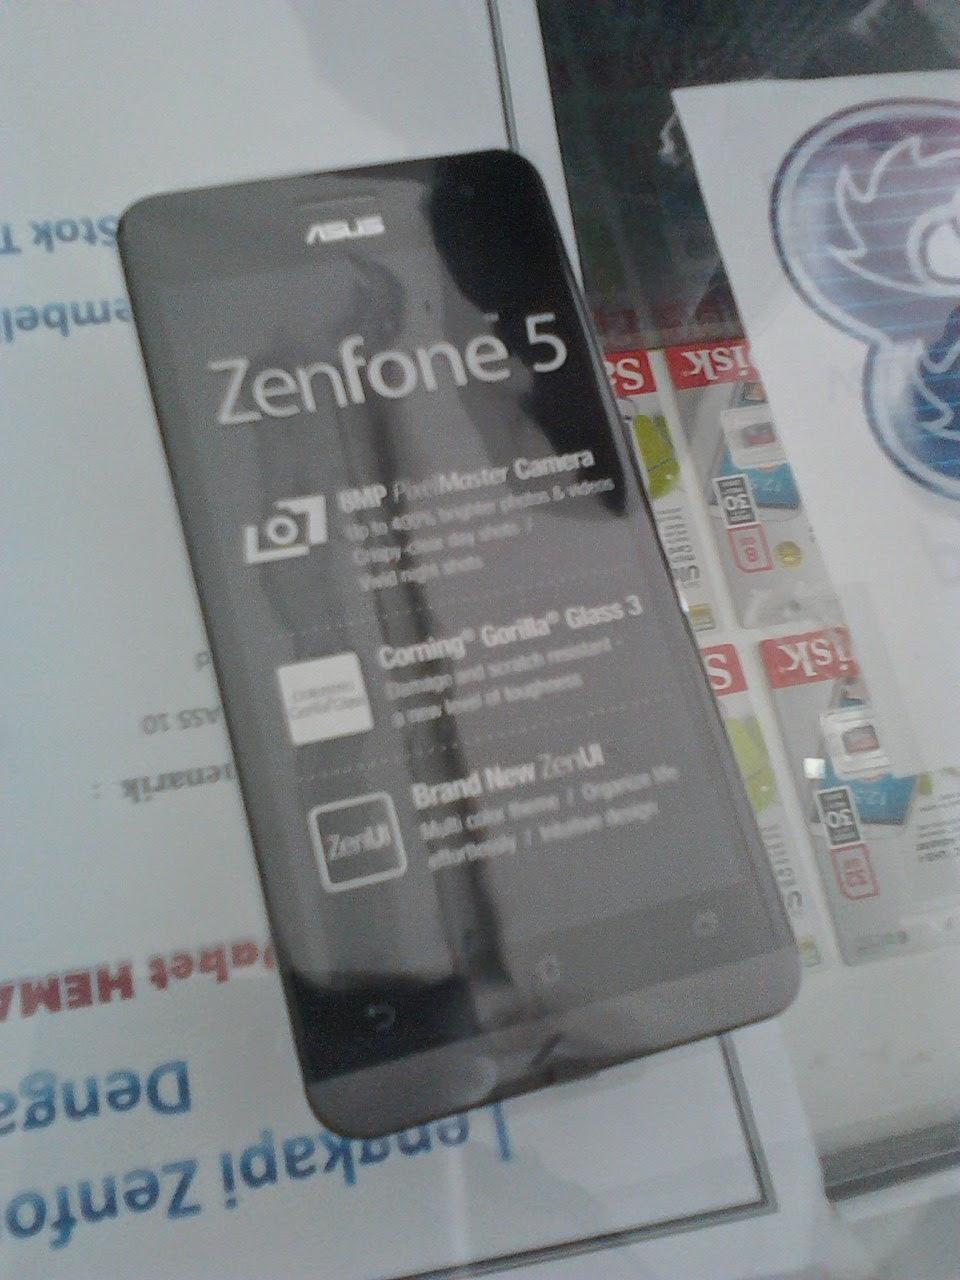 Pengumuman PO Zenfone 5